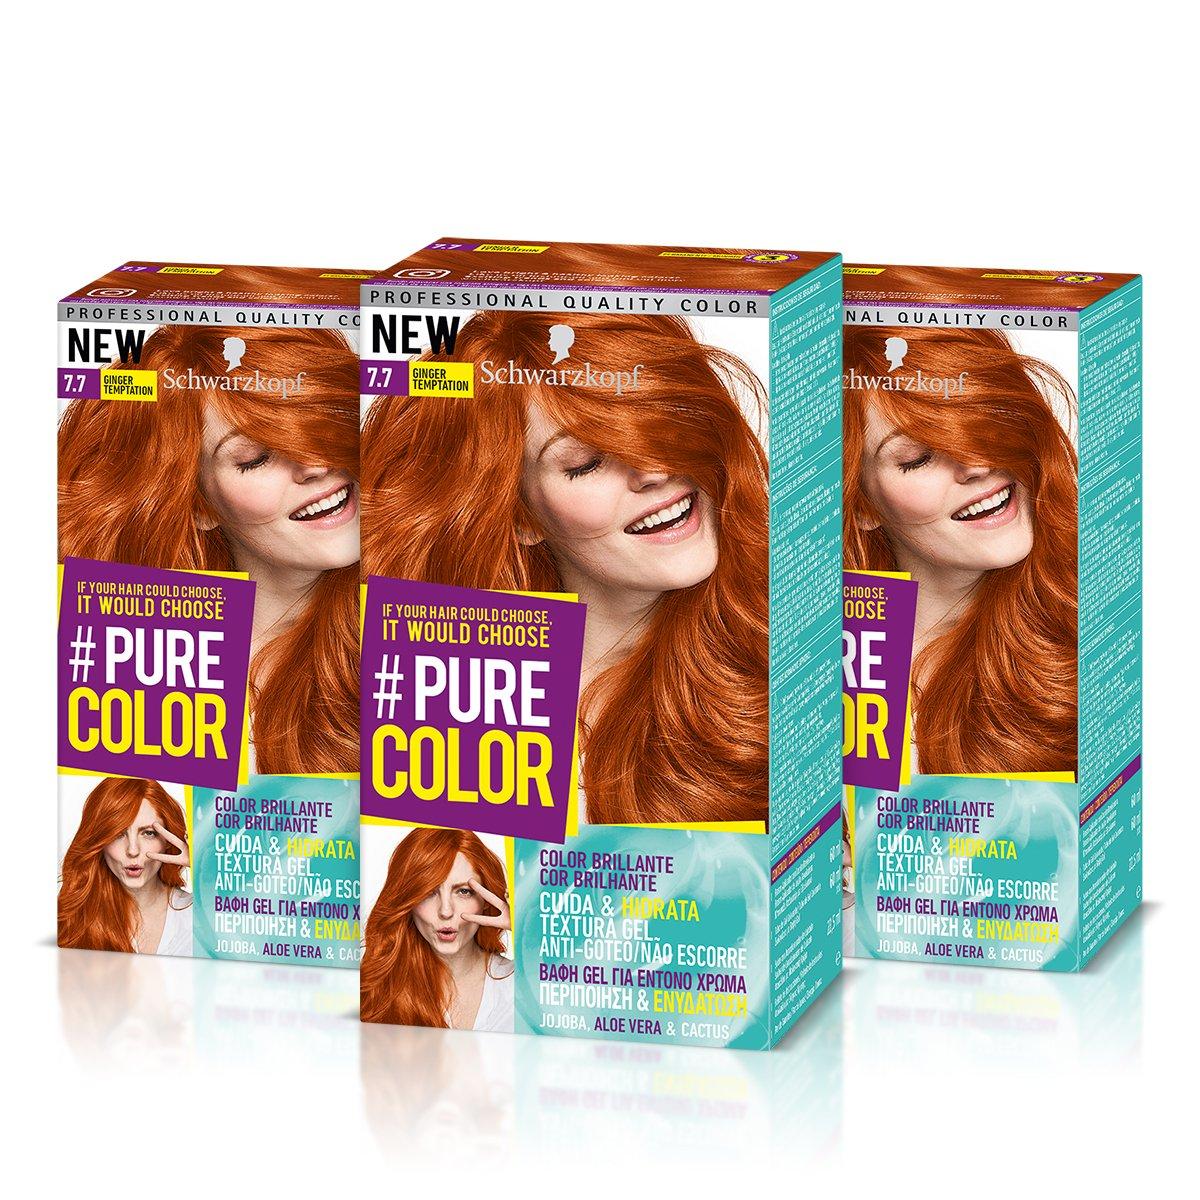 Schwarzkopf Pure Color Permanent Gel Färbung Nr 77 Rothaarige